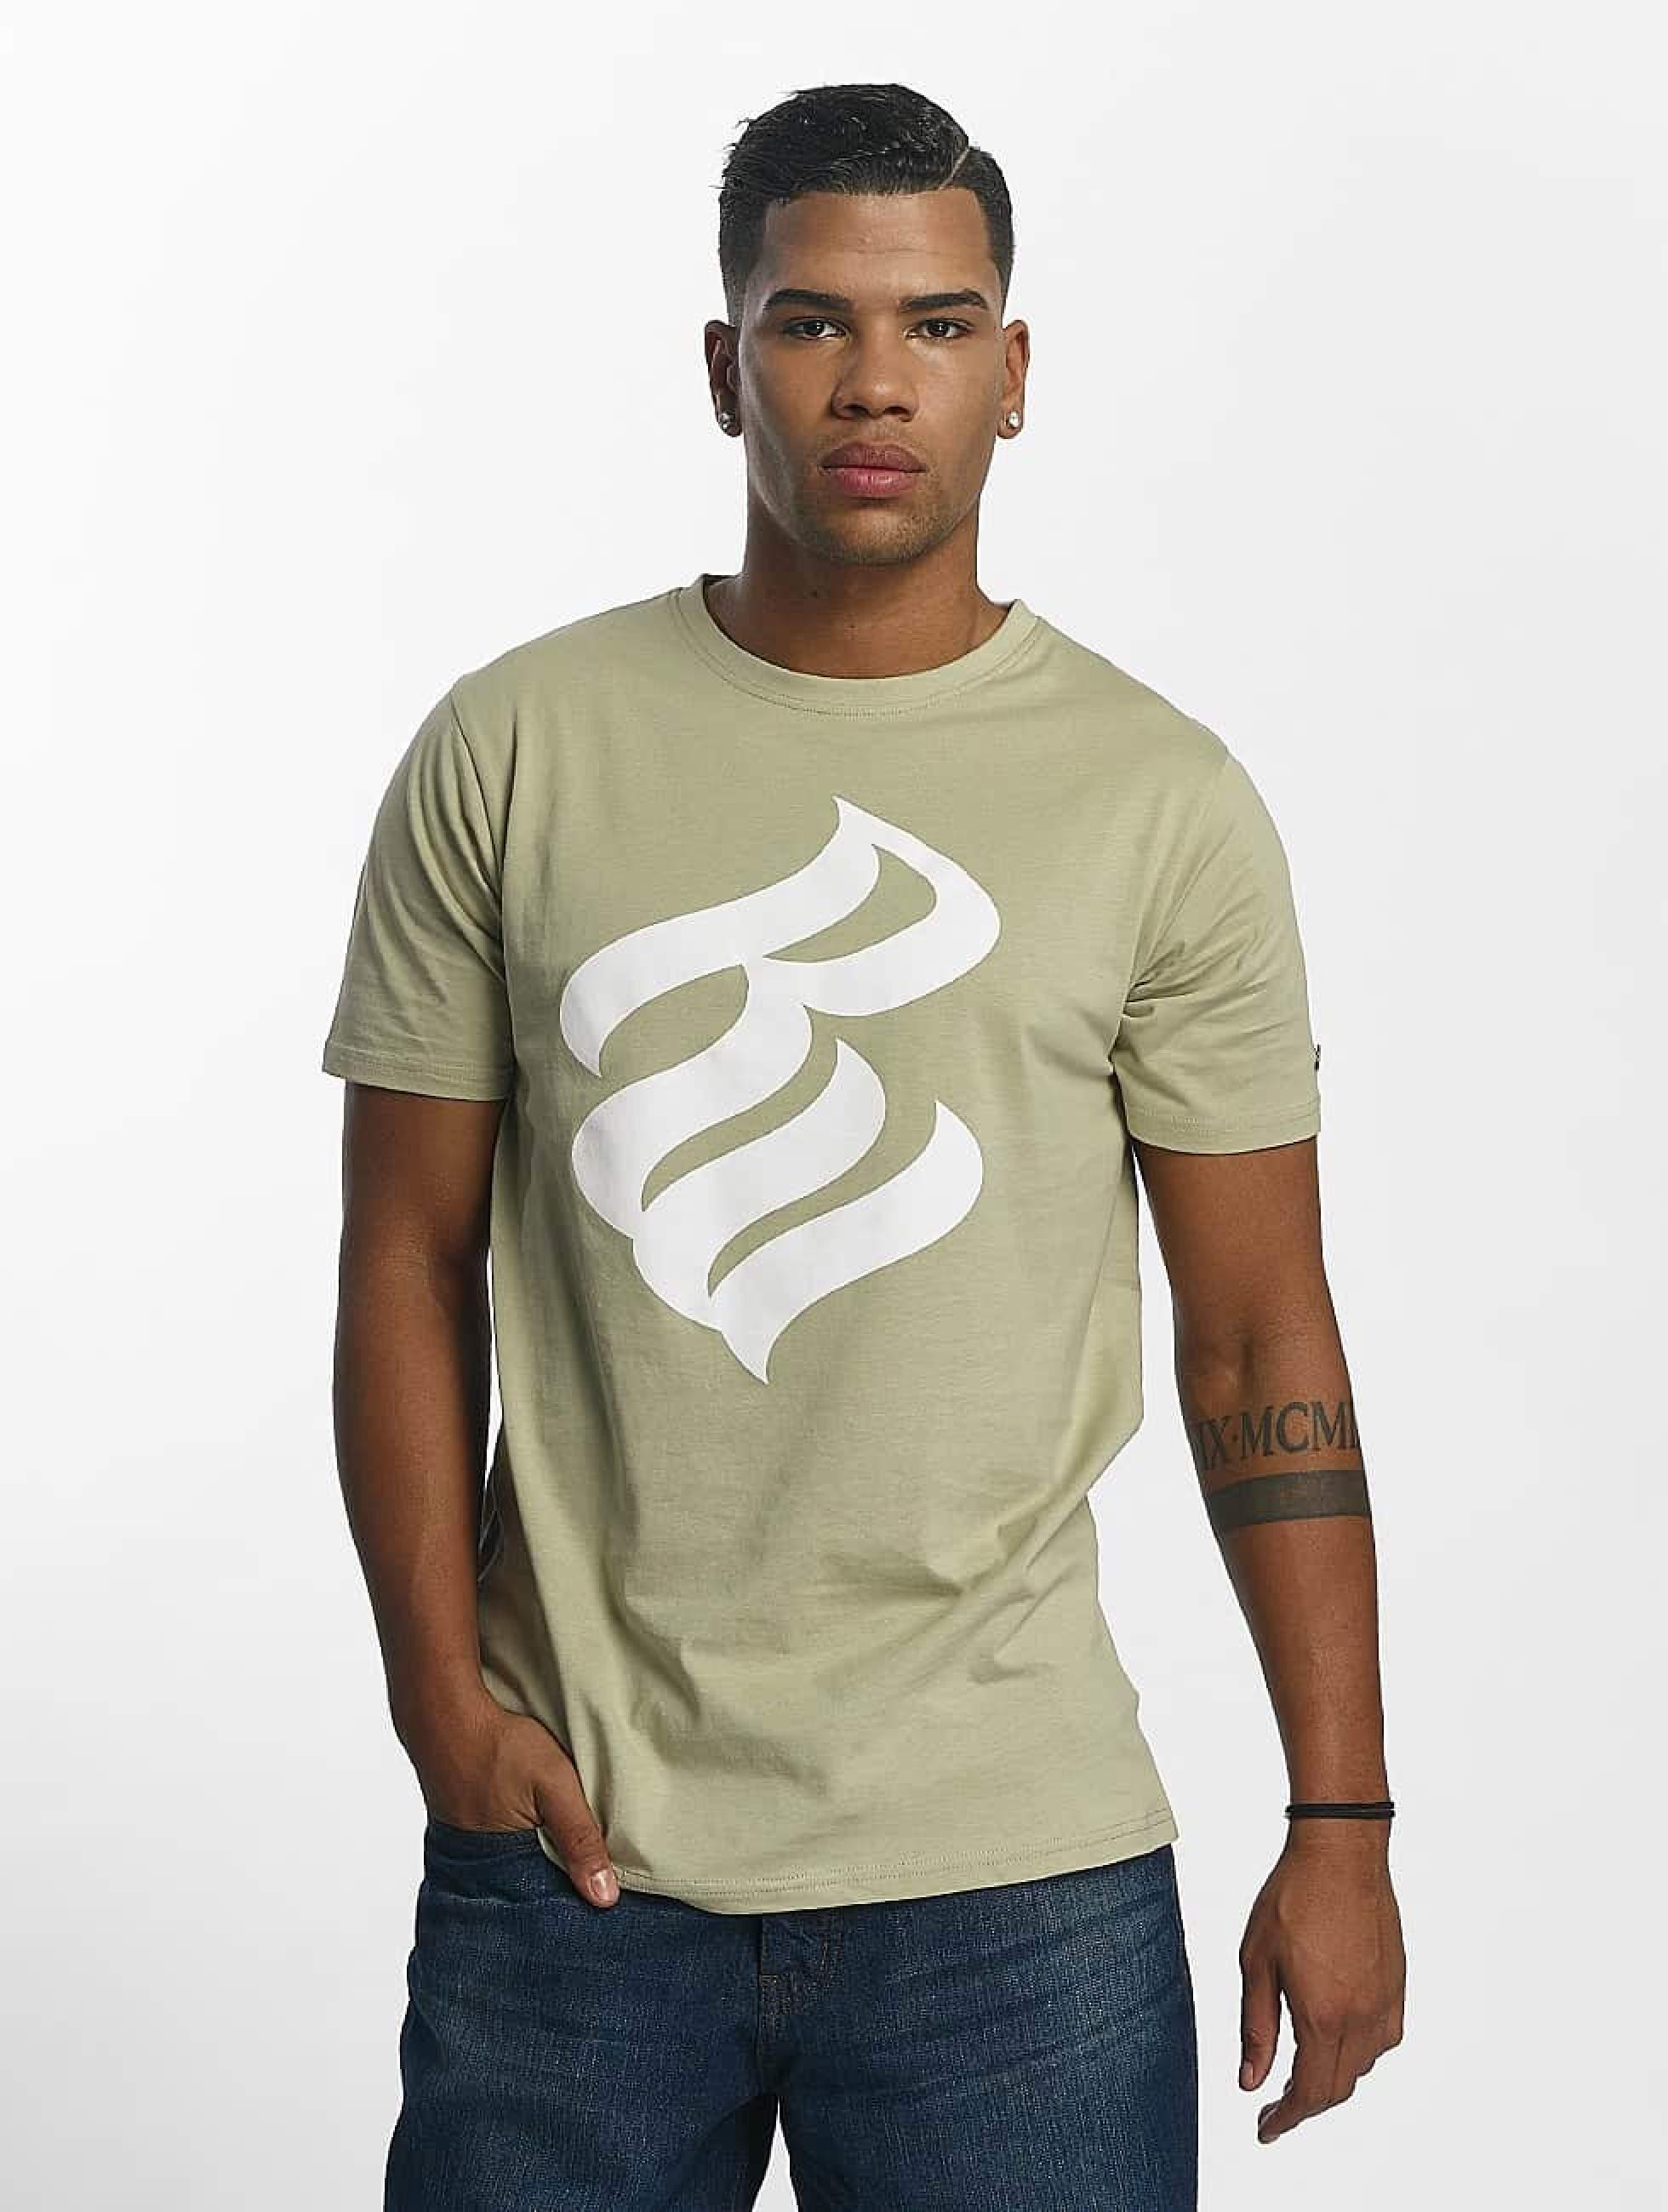 Rocawear / T-Shirt Logo in khaki XL